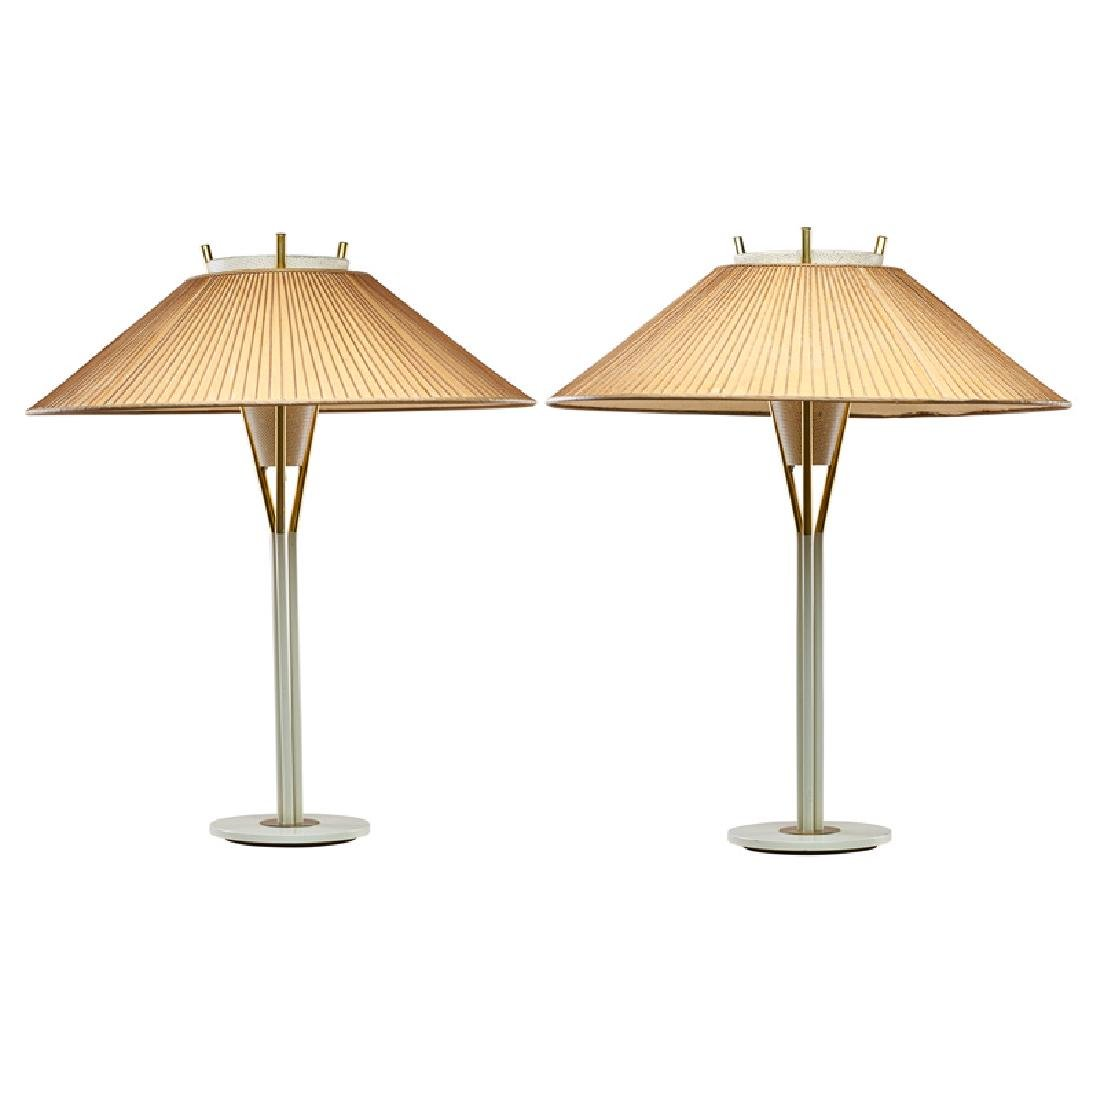 GERALD THURSTON FOR LIGHTOLIER TABLE LAMPS